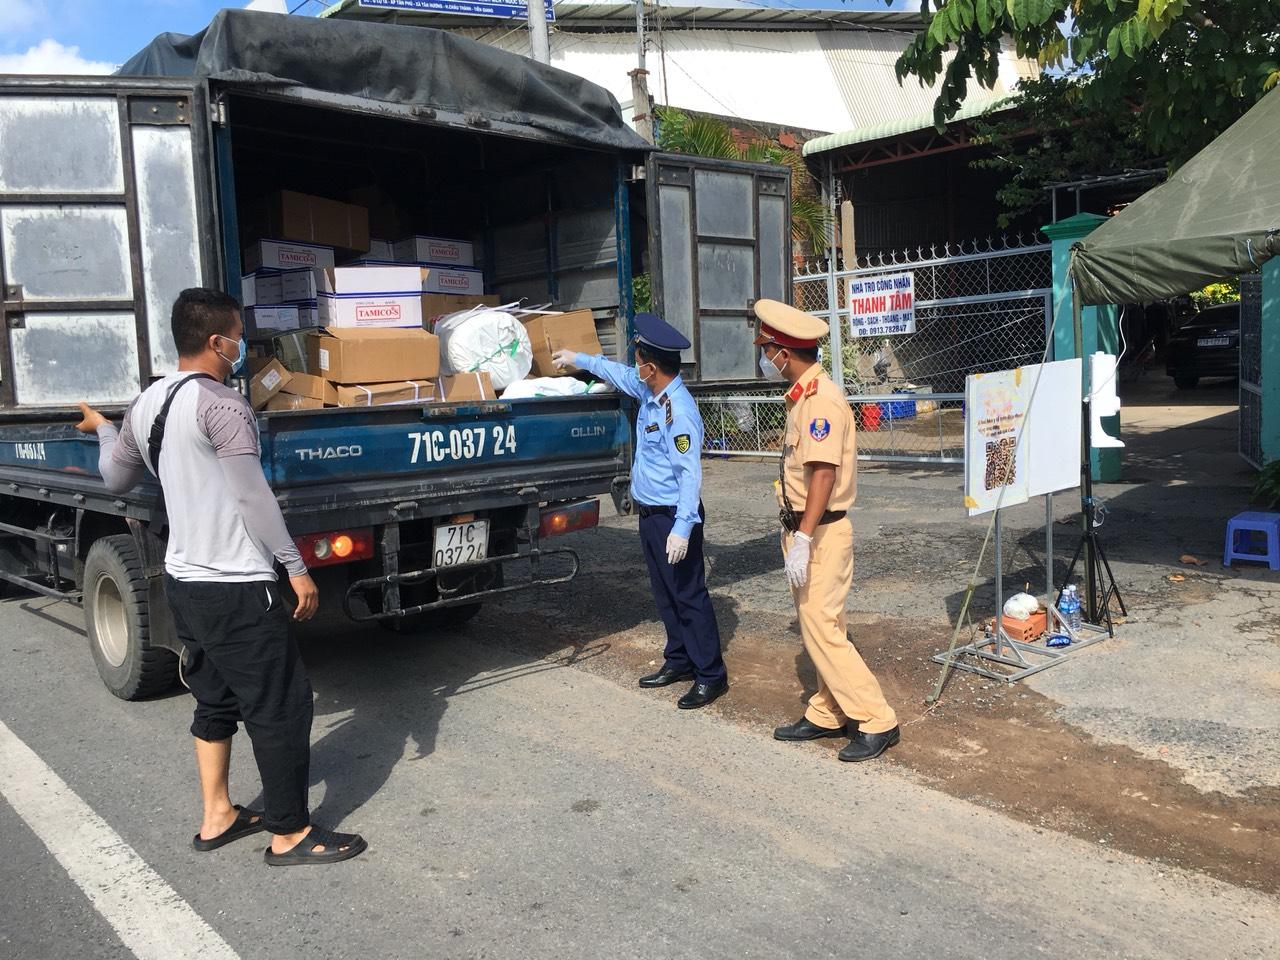 Kinh hoàng hơn 1 tấn khẩu trang thu gom từ TP Hồ Chí Minh được tái chế để tiêu thụ - Ảnh 4.